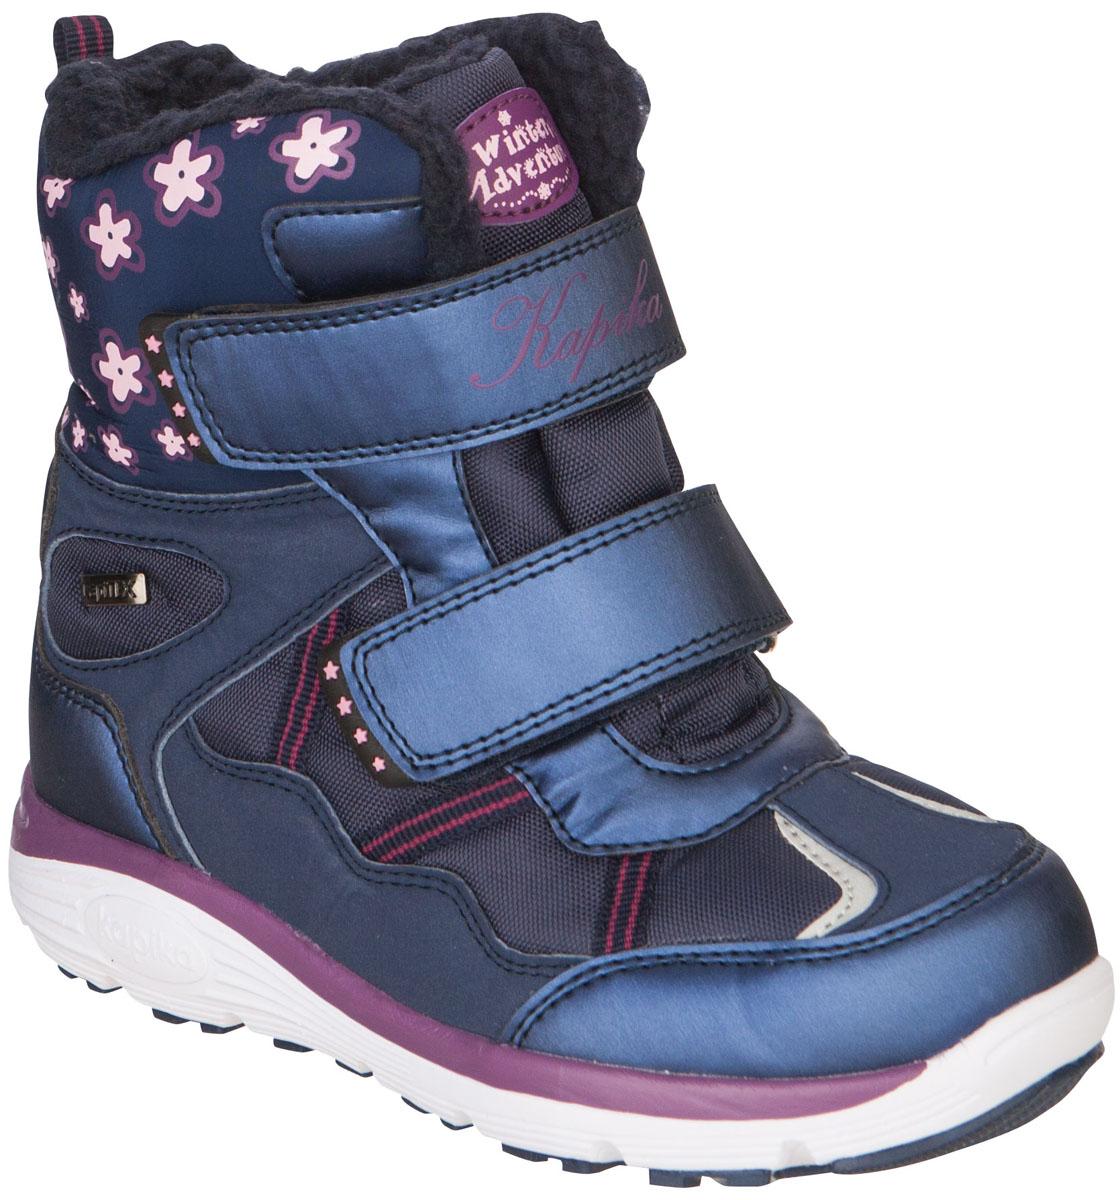 42165-1Легкие, удобные и теплые ботинки от Kapika выполнены из мембранных материалов и искусственной кожи. Два ремешка на застежках-липучках надежно фиксируют изделие на ноге. Мягкая подкладка и стелька из шерсти обеспечивают тепло, циркуляцию воздуха и сохраняют комфортный микроклимат в обуви. Подошва с протектором гарантирует идеальное сцепление с любыми поверхностями. Идеальная зимняя обувь для активных детей. Модель большемерит на половину размера.